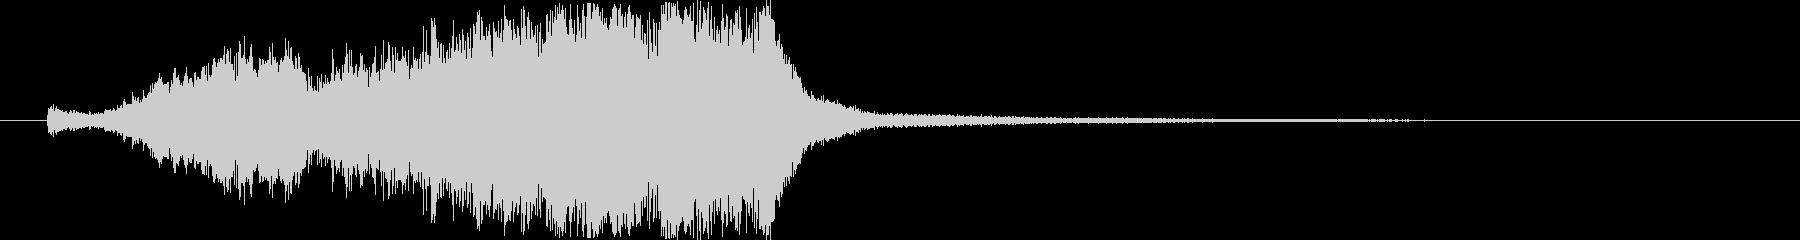 トランジション 鋭い 16 の未再生の波形